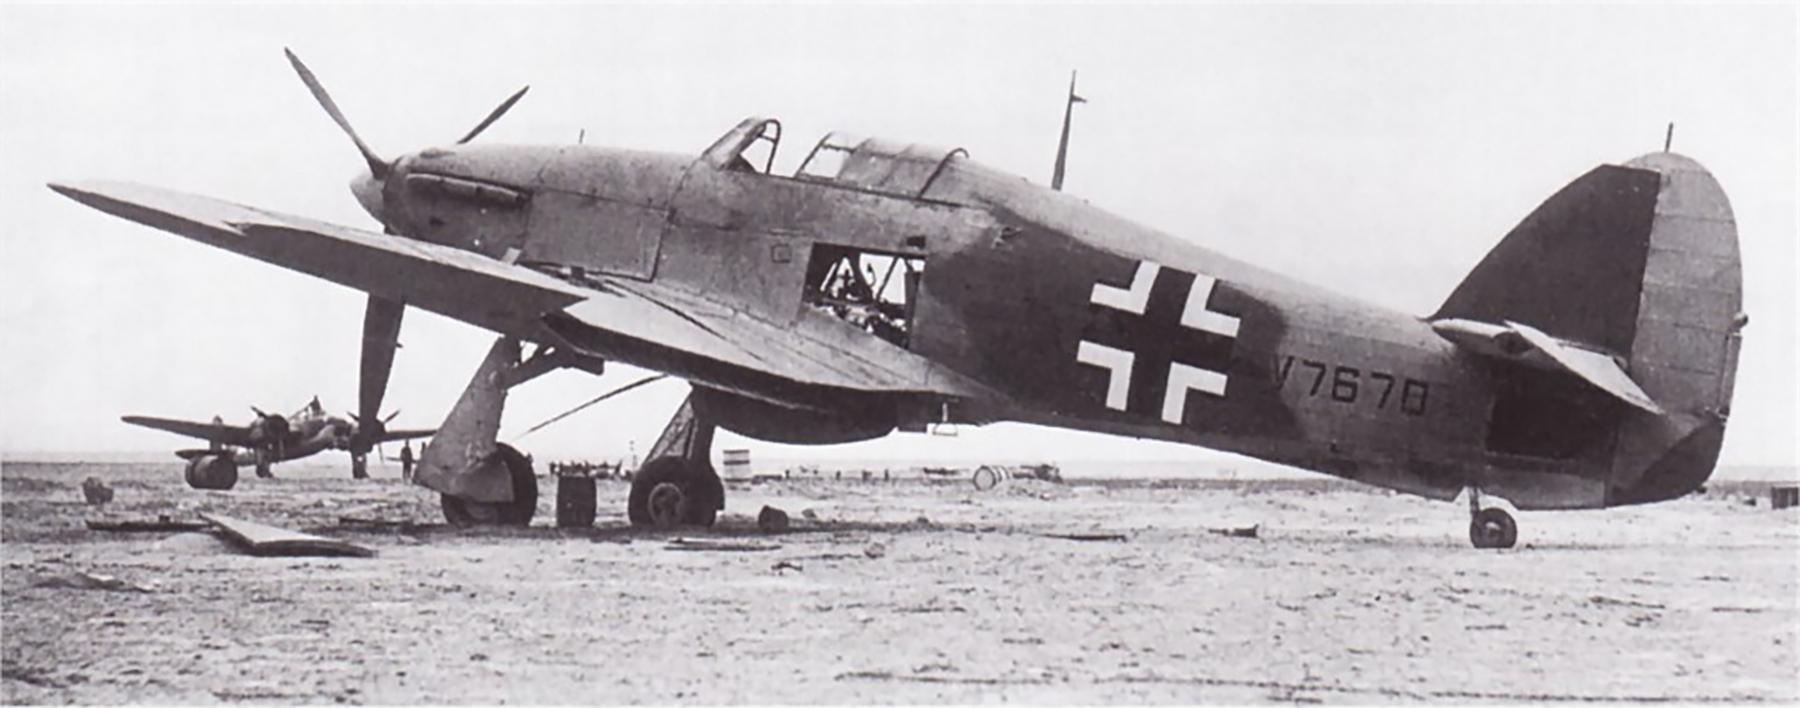 Captured Luftwaffe Hurricane Ia RAF V7670 captured by German Forces Gambut 1941 01